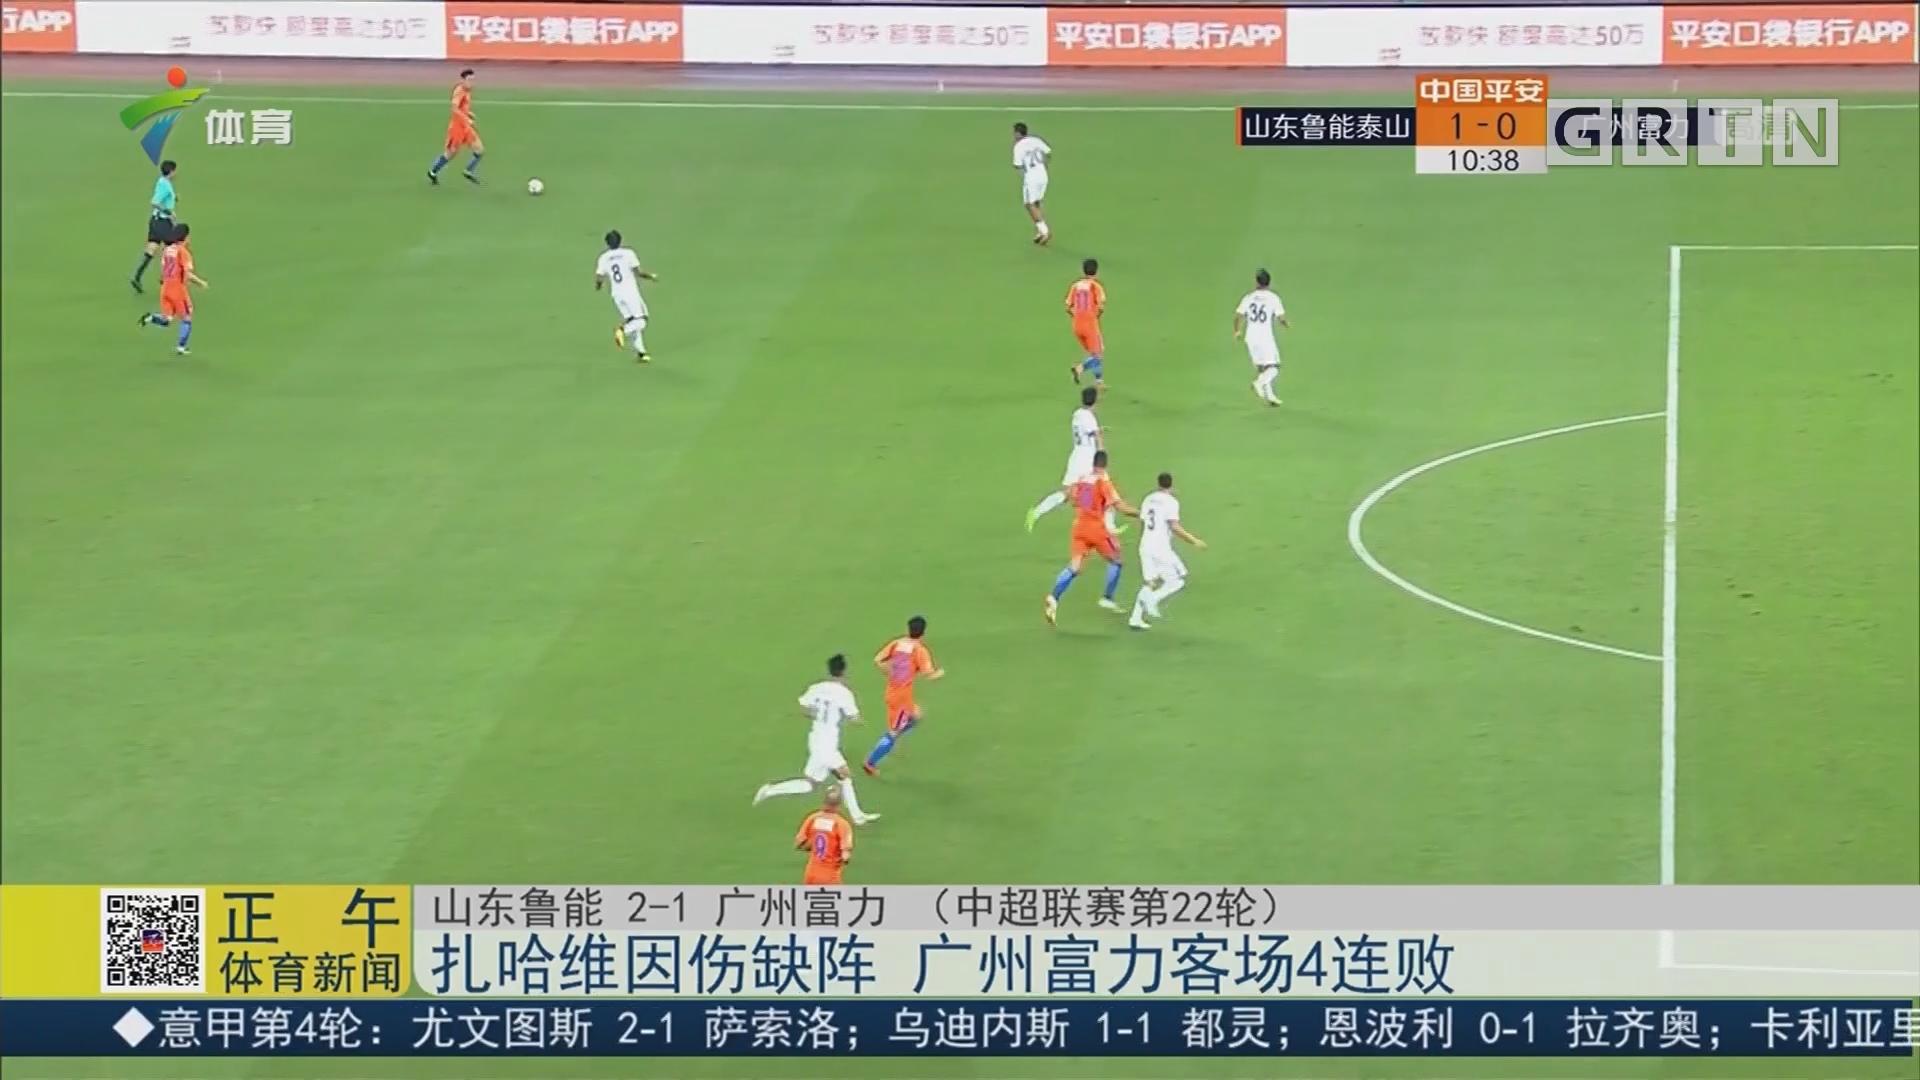 扎哈维因伤缺阵 广州富力客场4连败